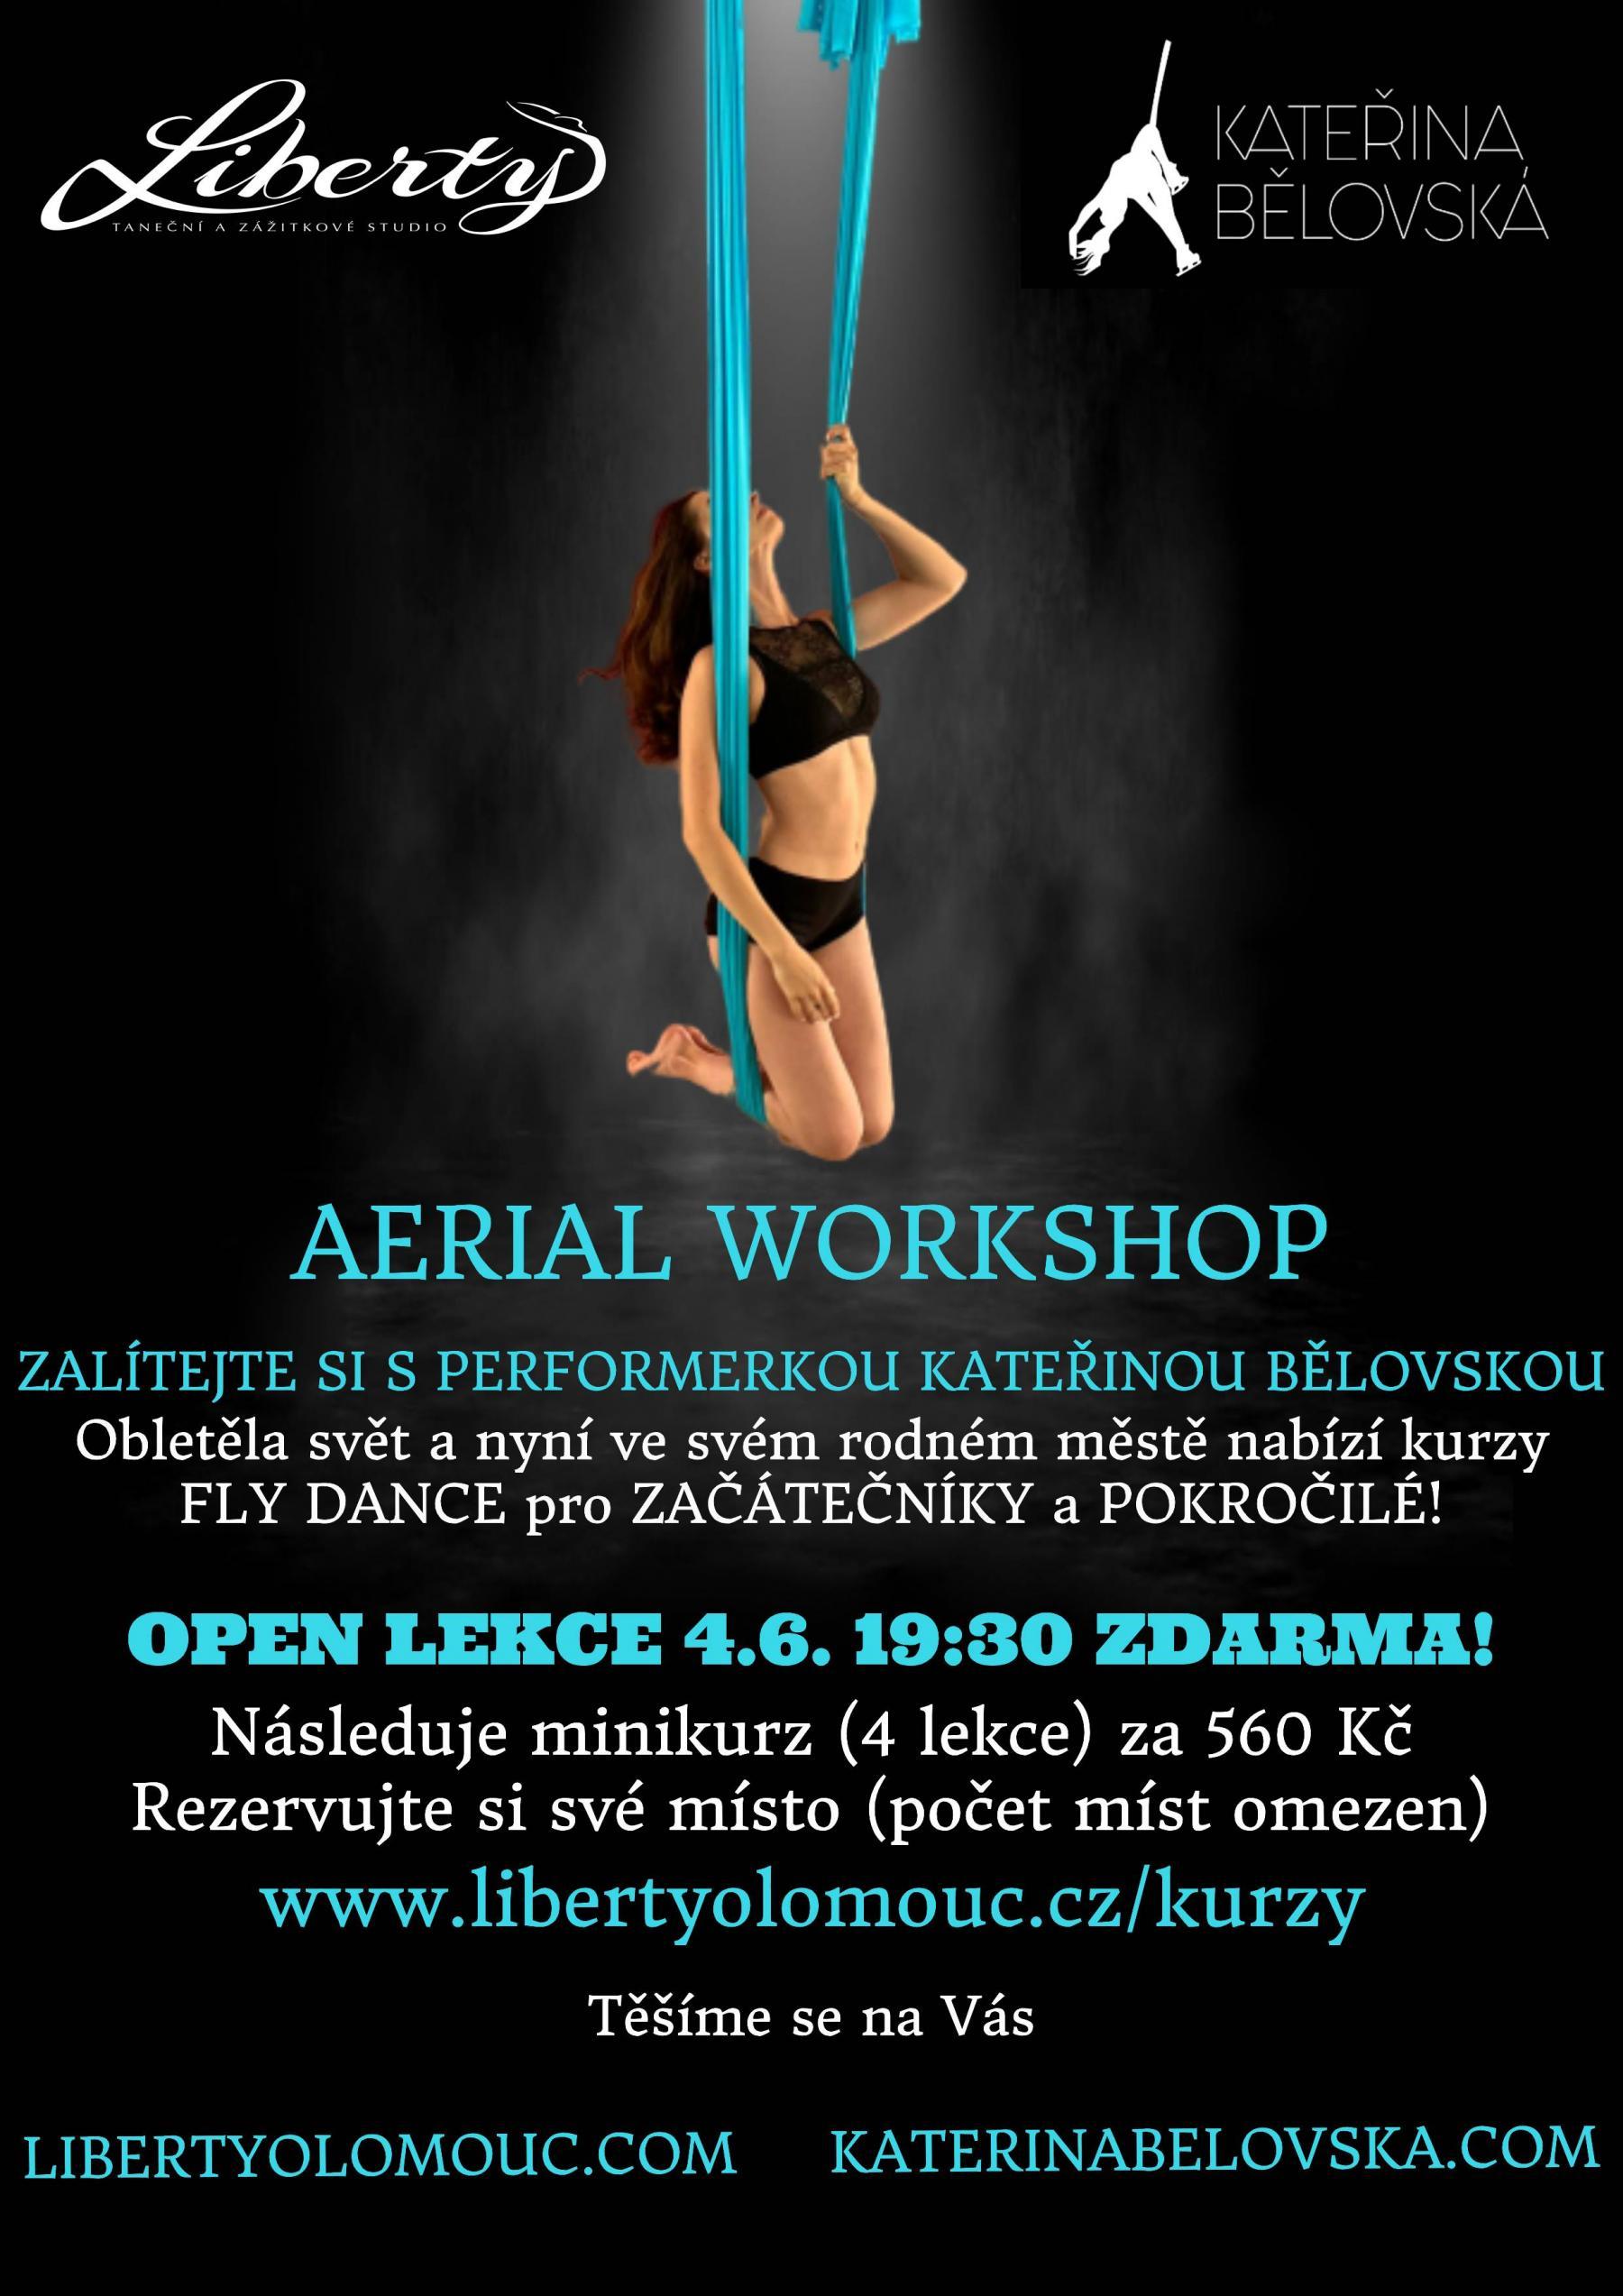 aerial workshop